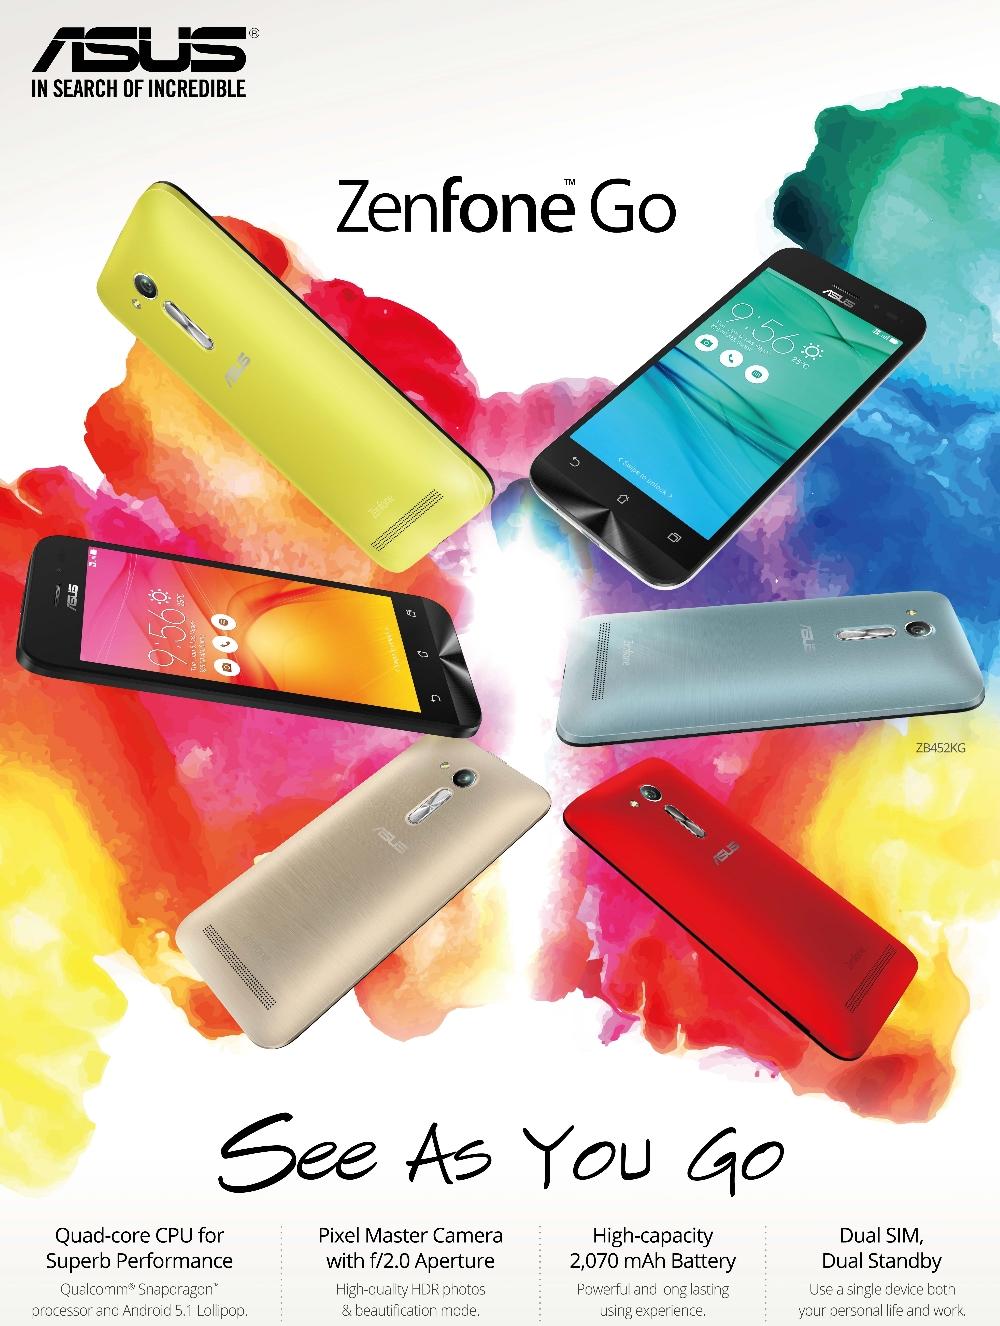 asus-zenfone-go-zb452kg-5